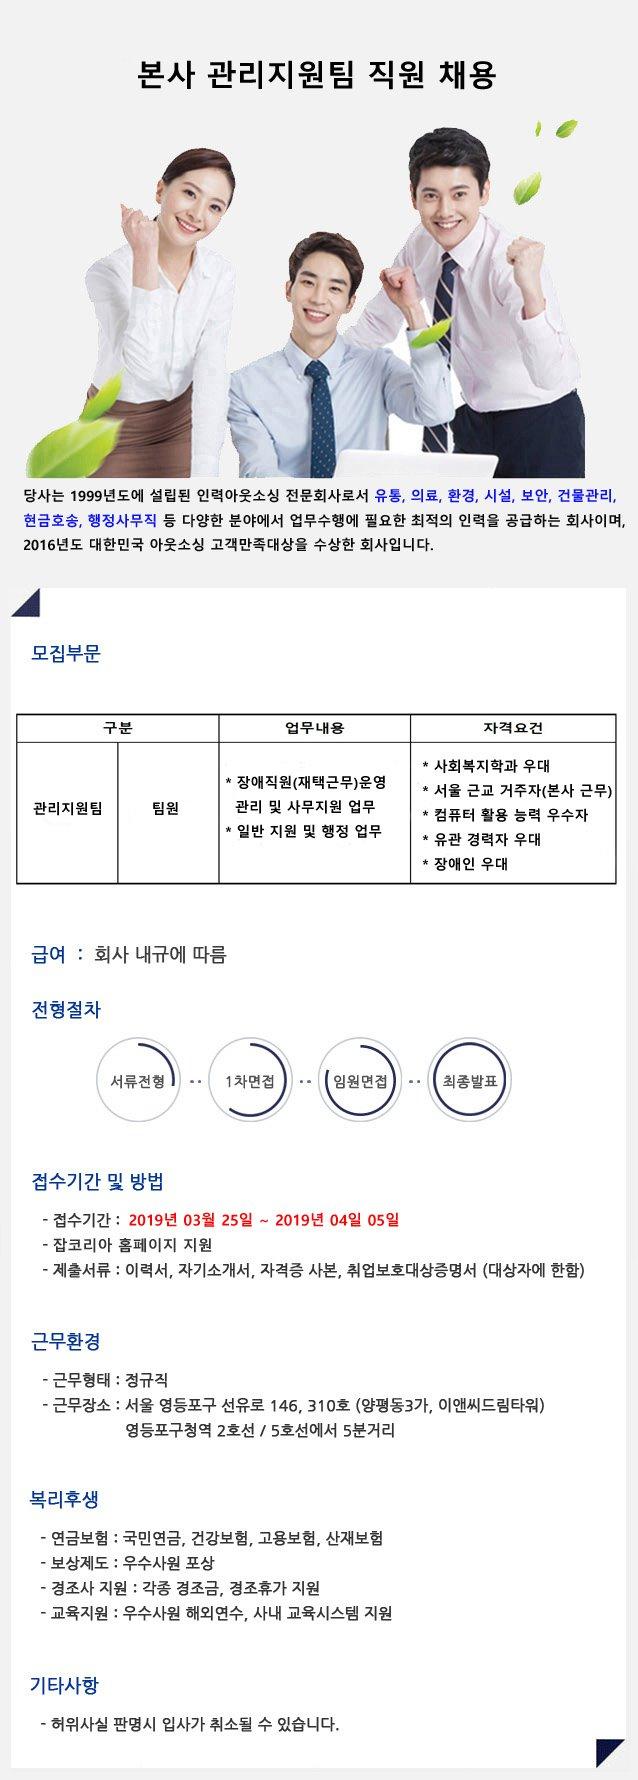 JOB_2019_0326(MT)관리팀수정.jpg